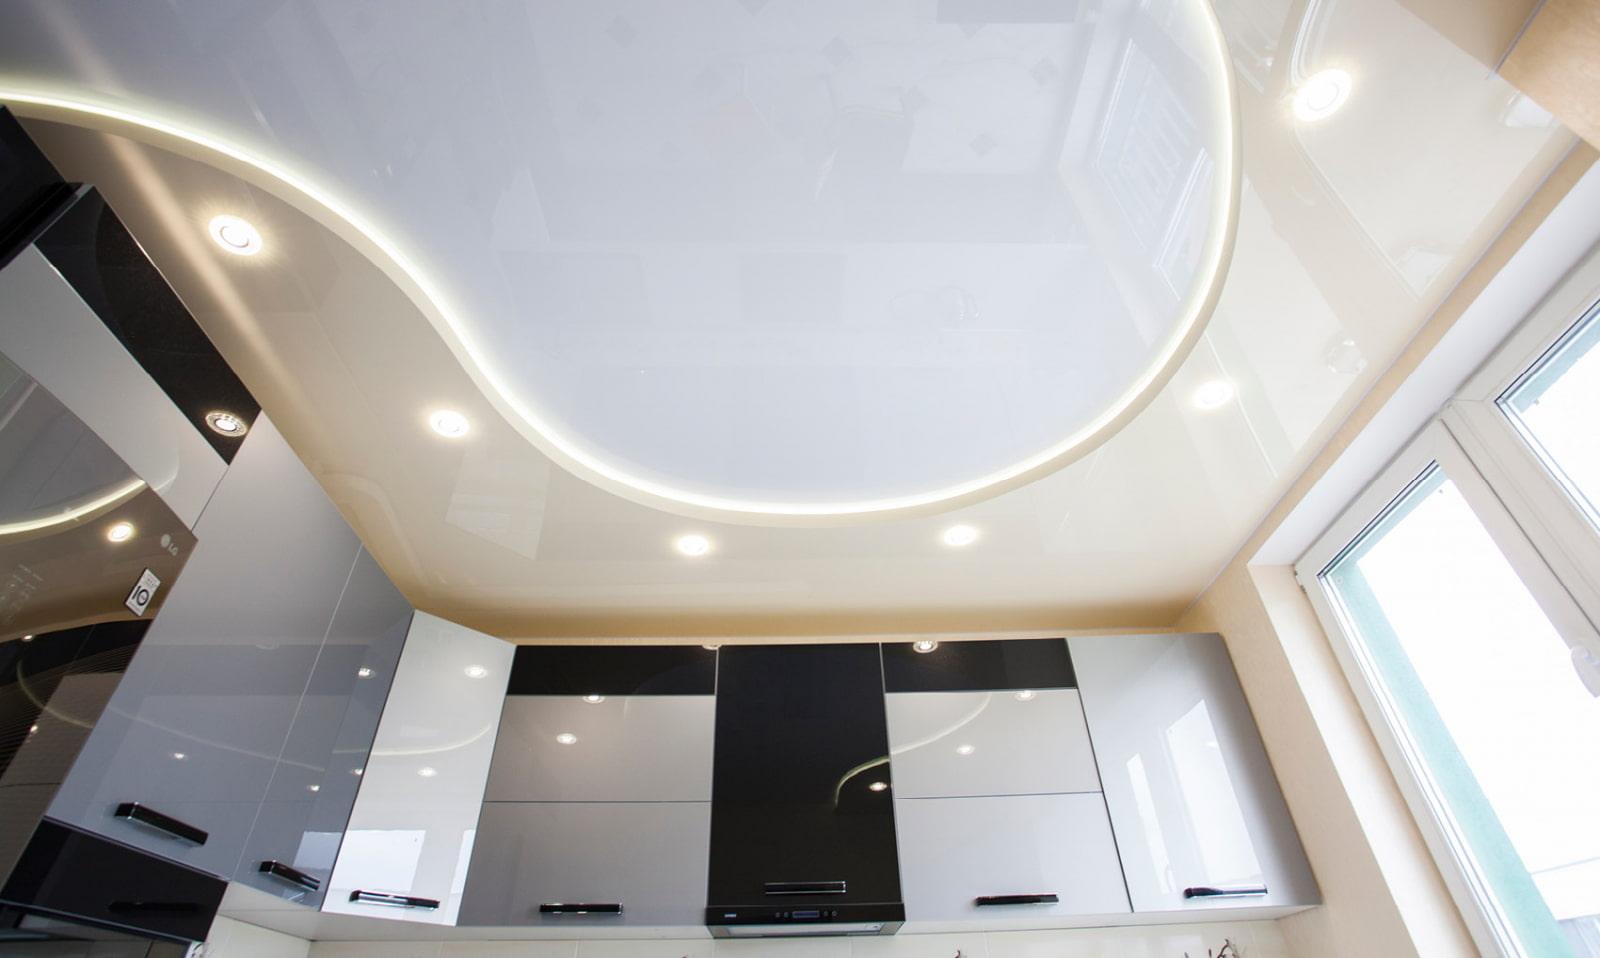 двухуровневые натяжные потолки с подсветкой в зал